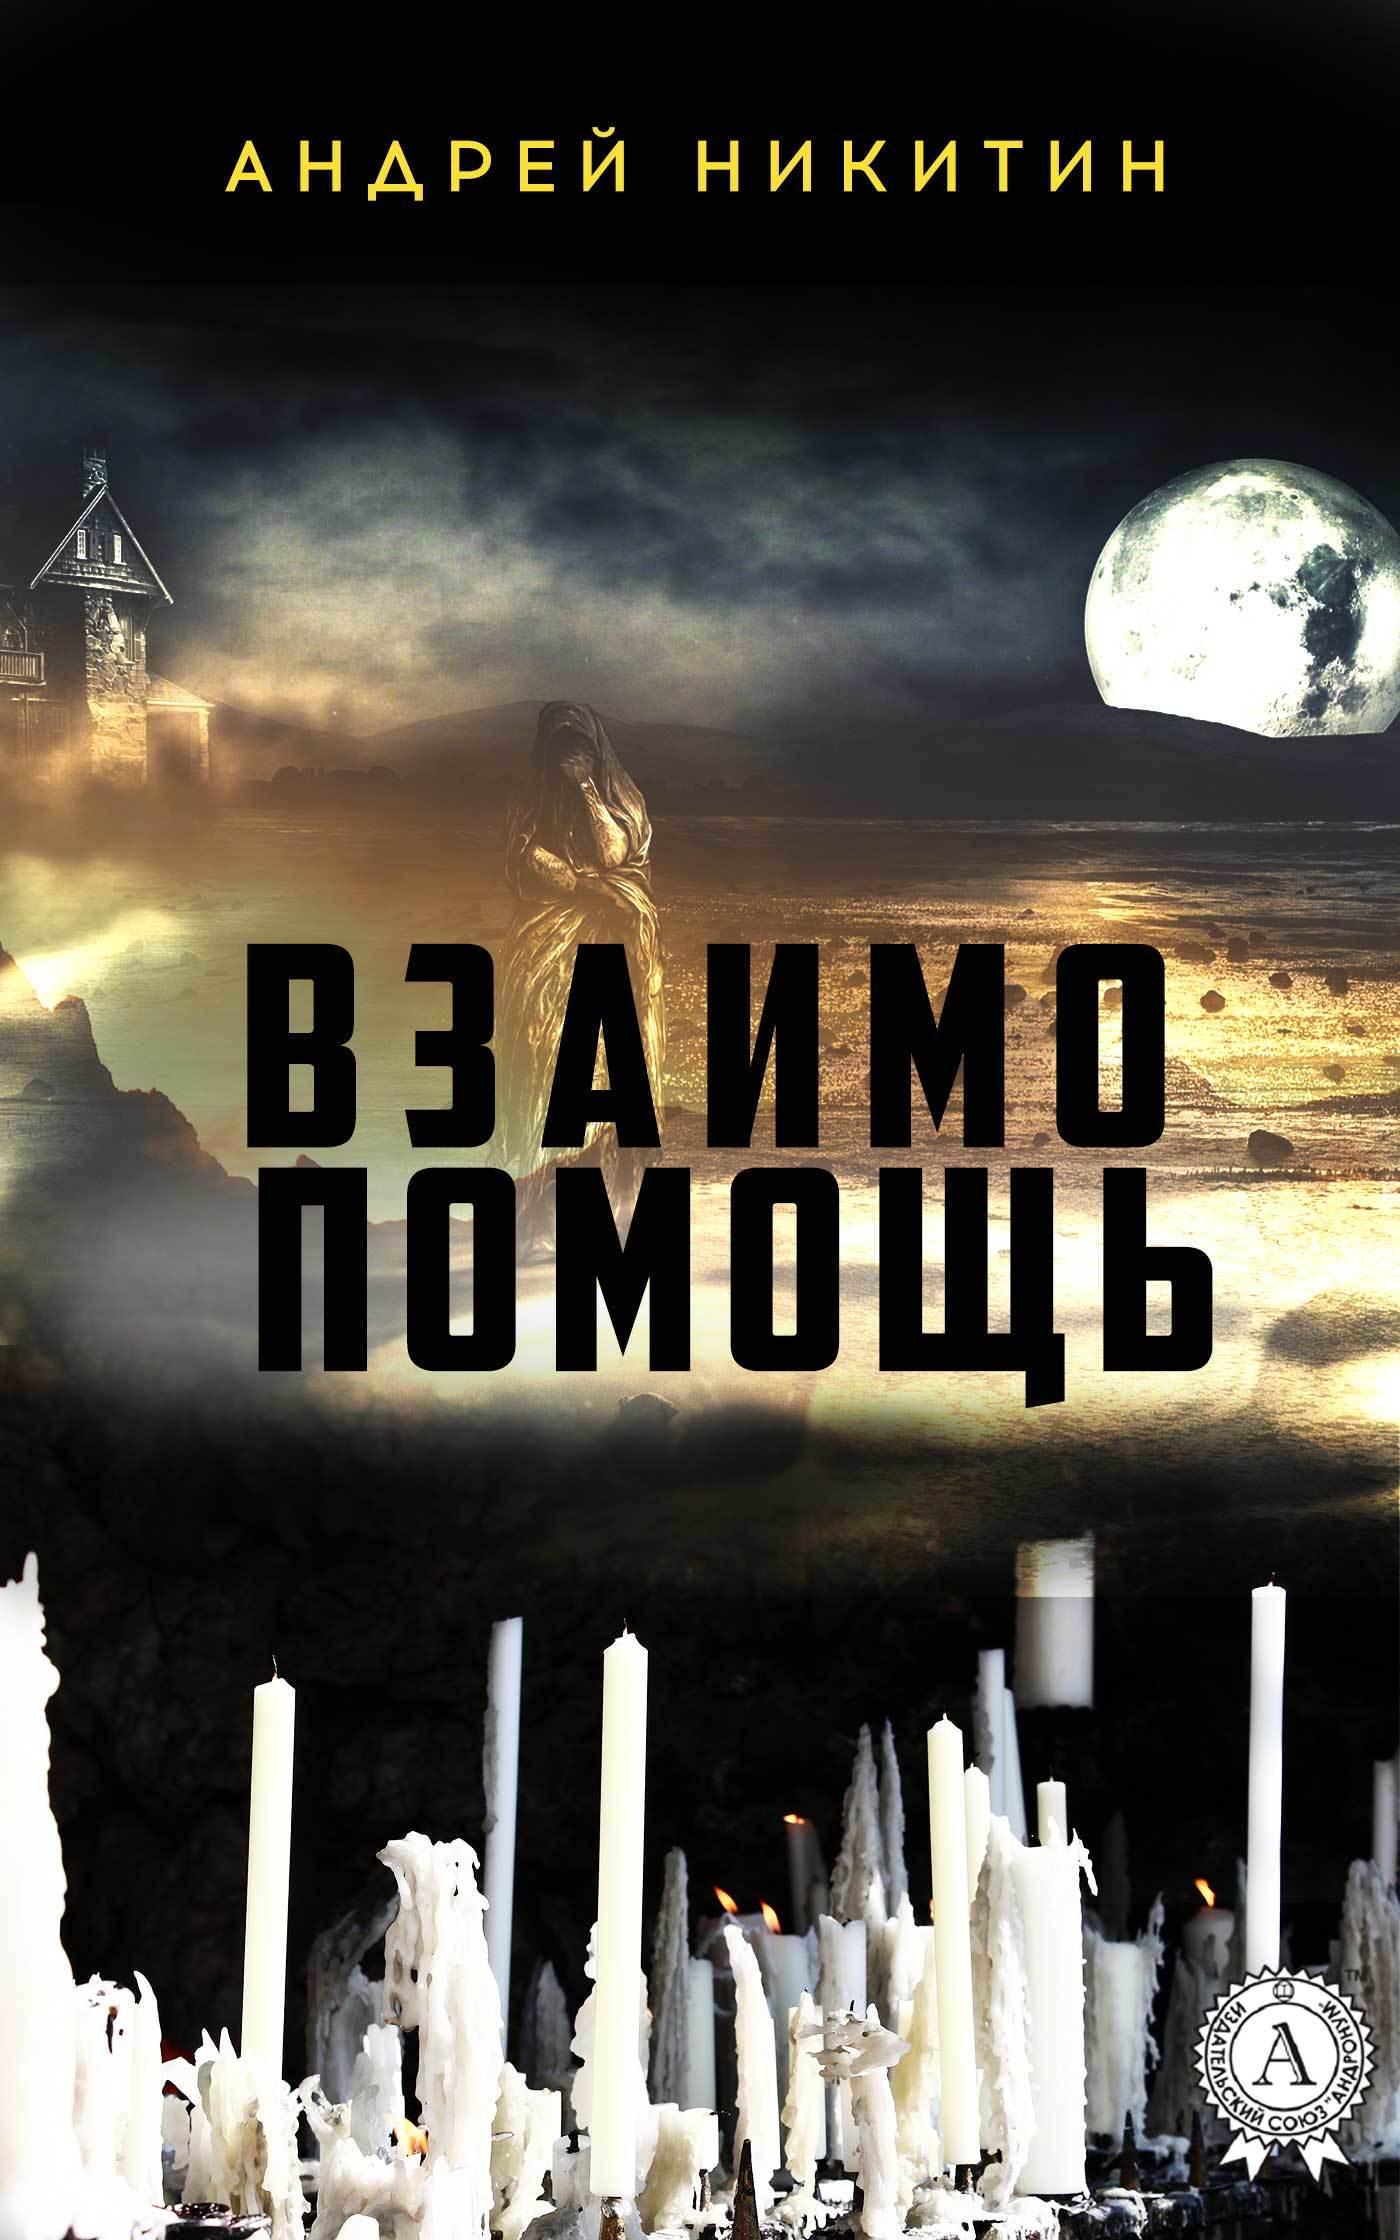 Андрей Никитин заимопомощь